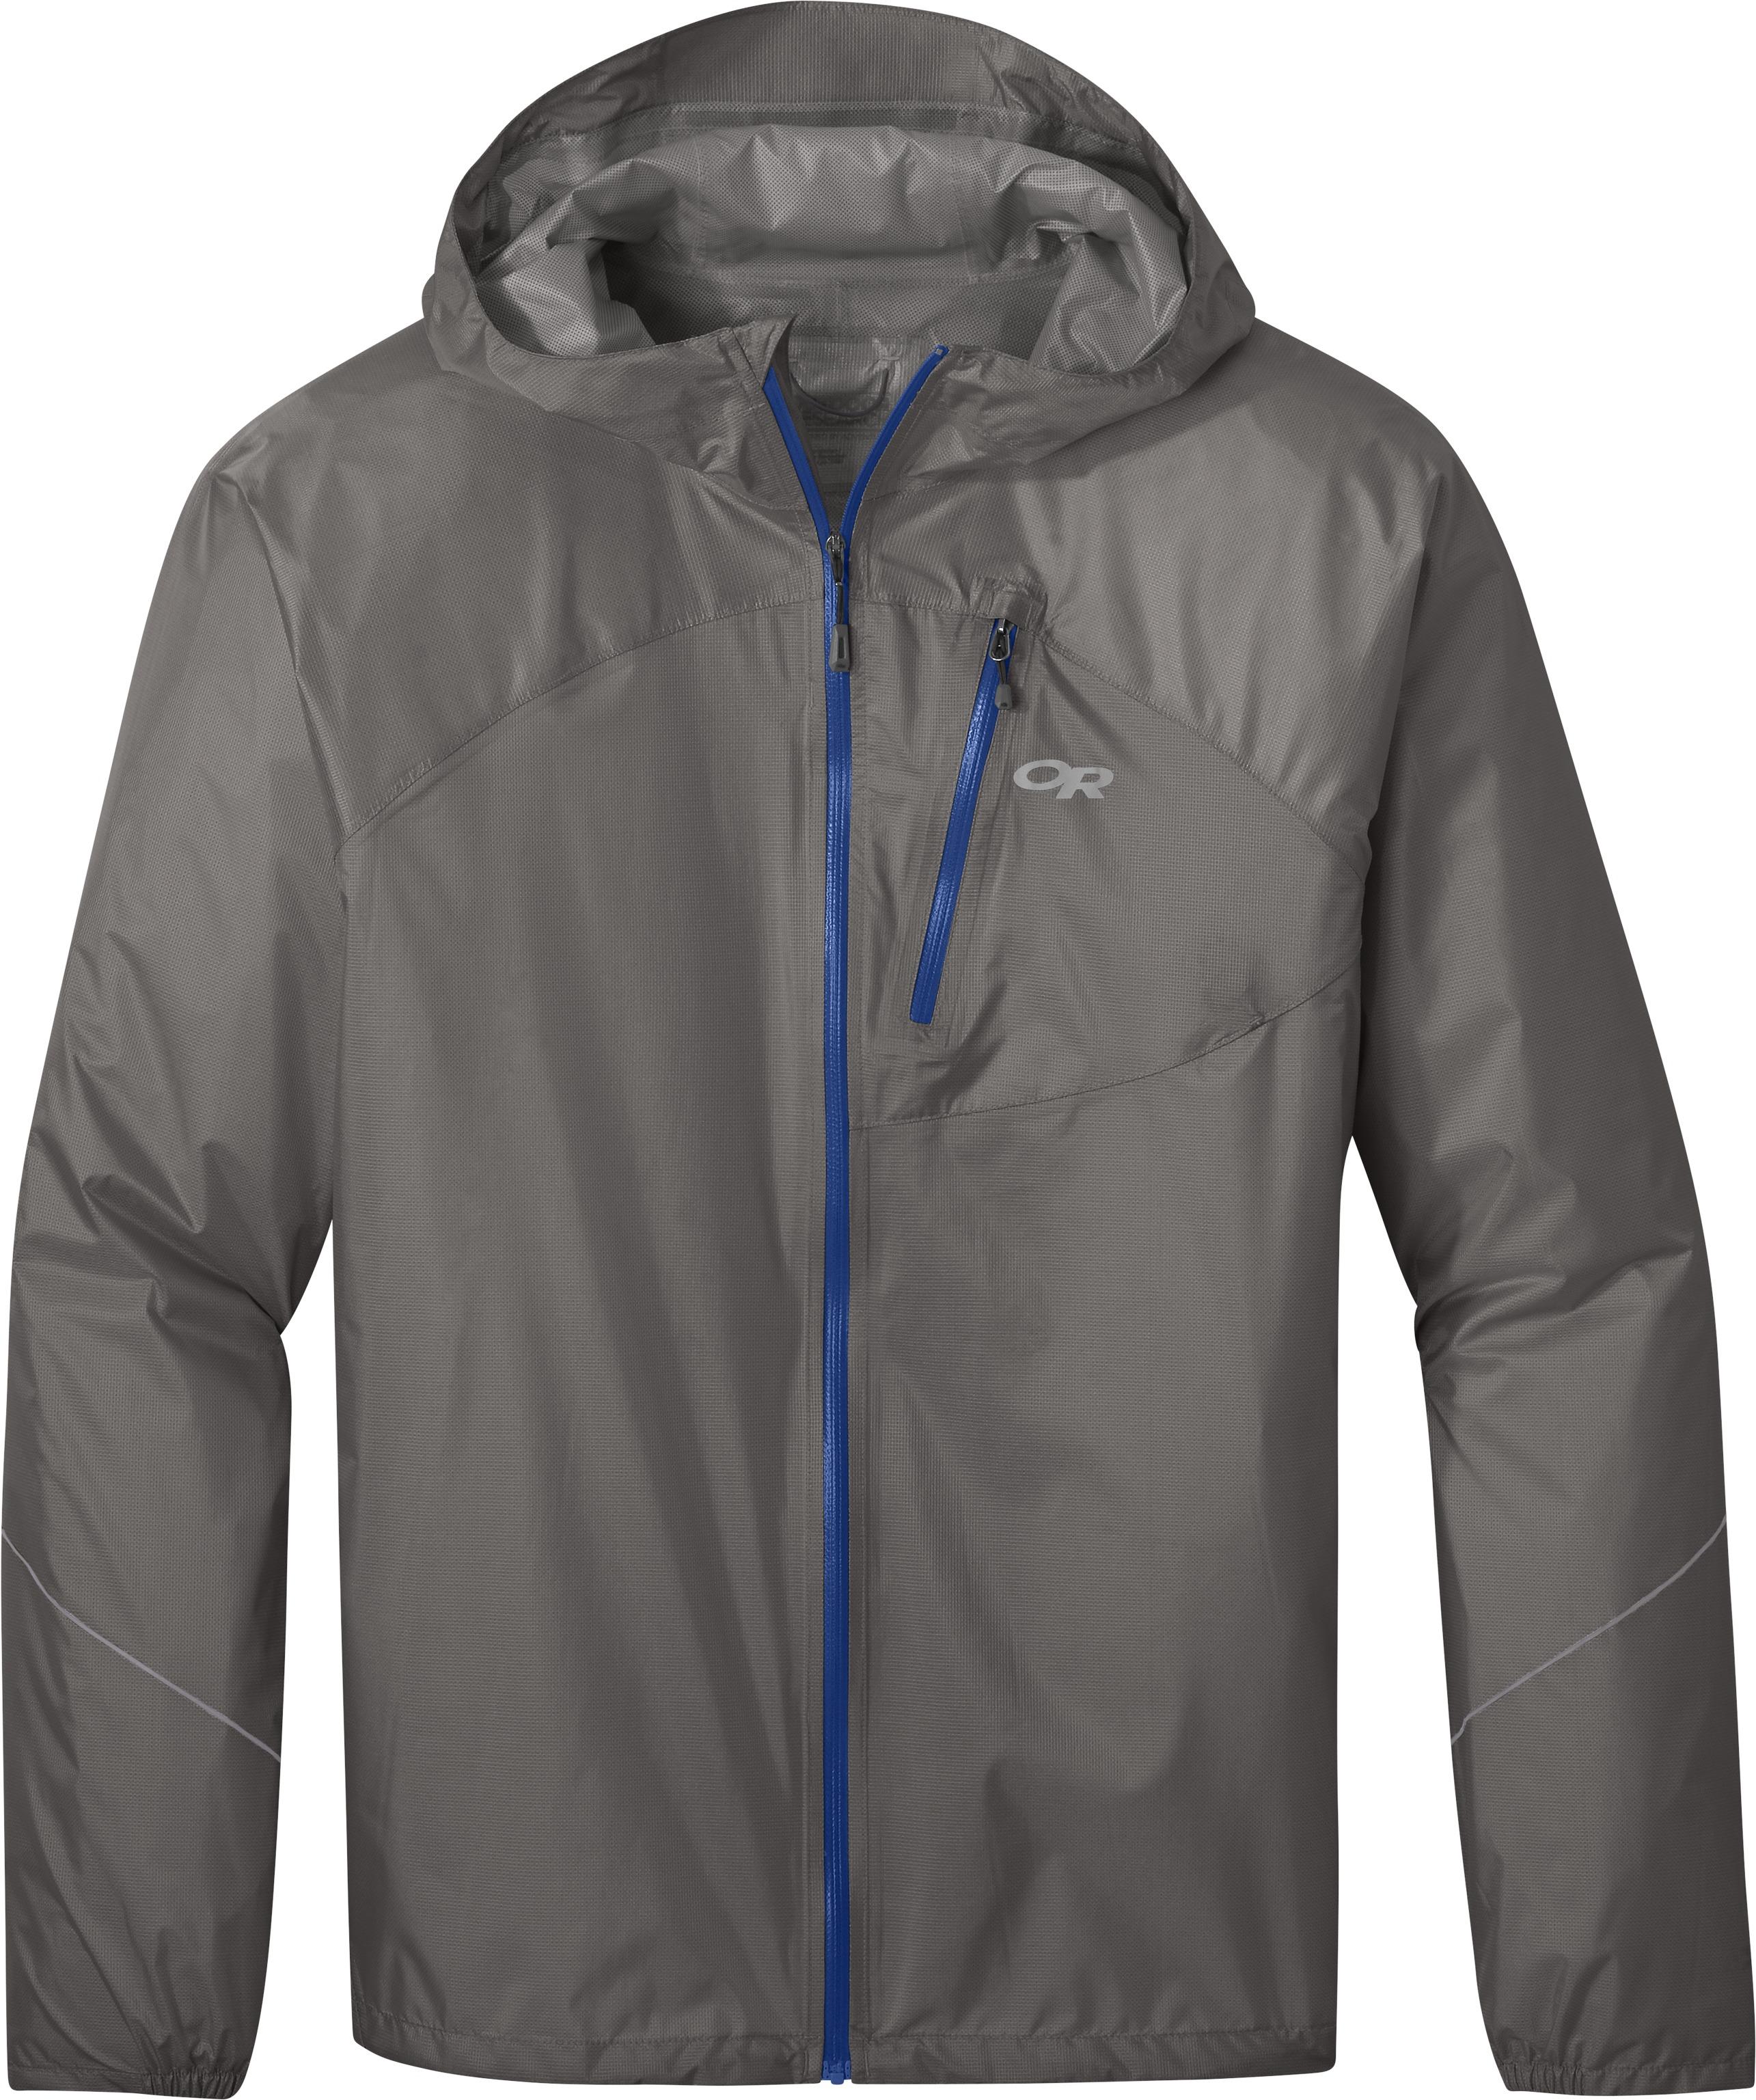 Outdoor Research-Helium Rain Jacket - Men's